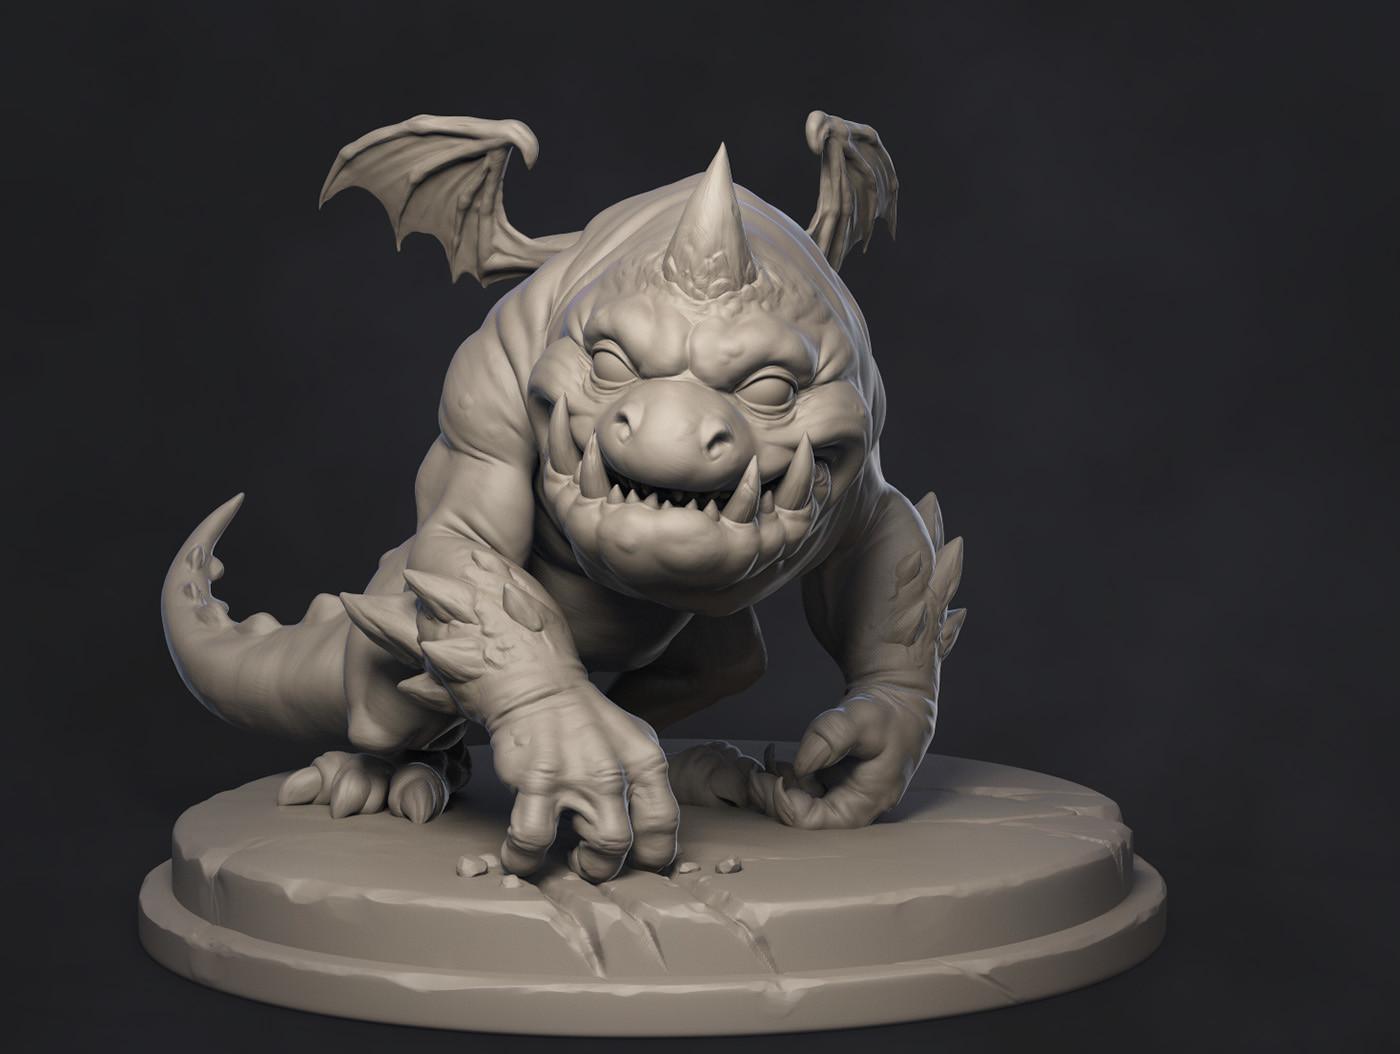 Pavel protasov dragon 01